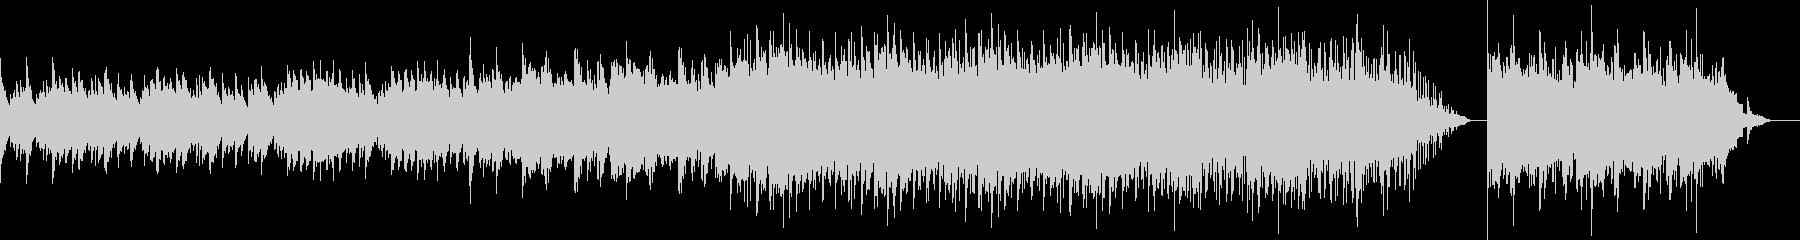 ポップな背景、ピアノメロディー。の未再生の波形